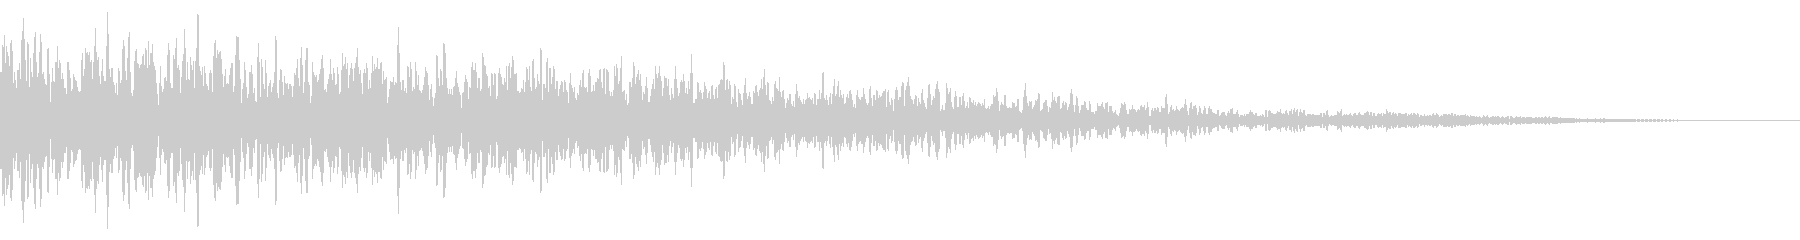 ホラー系アタック音11の未再生の波形